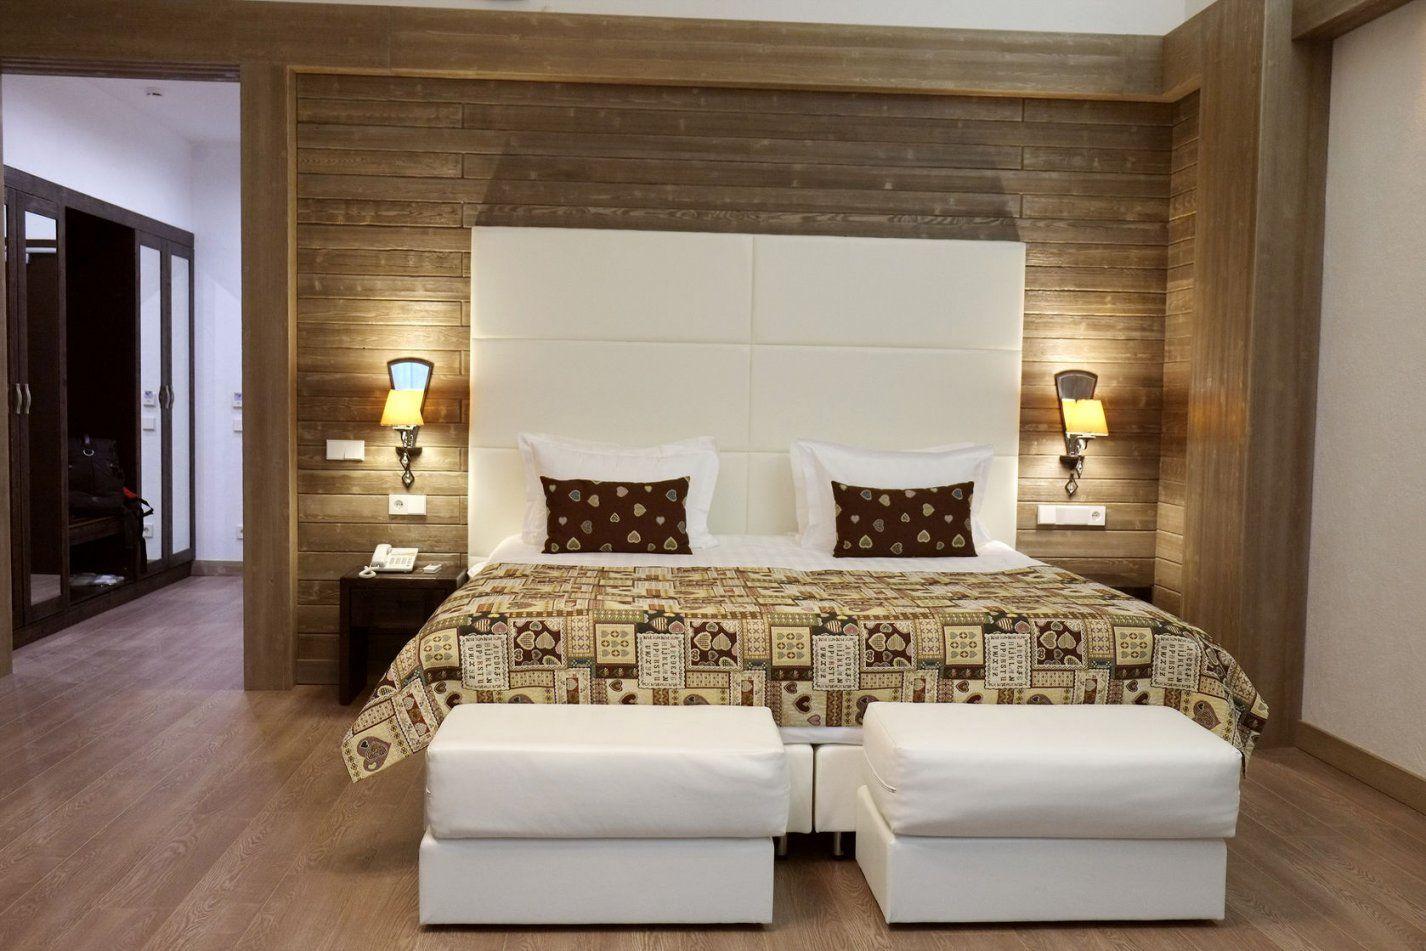 Das Schlafzimmer  Feng Shui Beratung von Bilder Schlafzimmer Feng Shui Photo